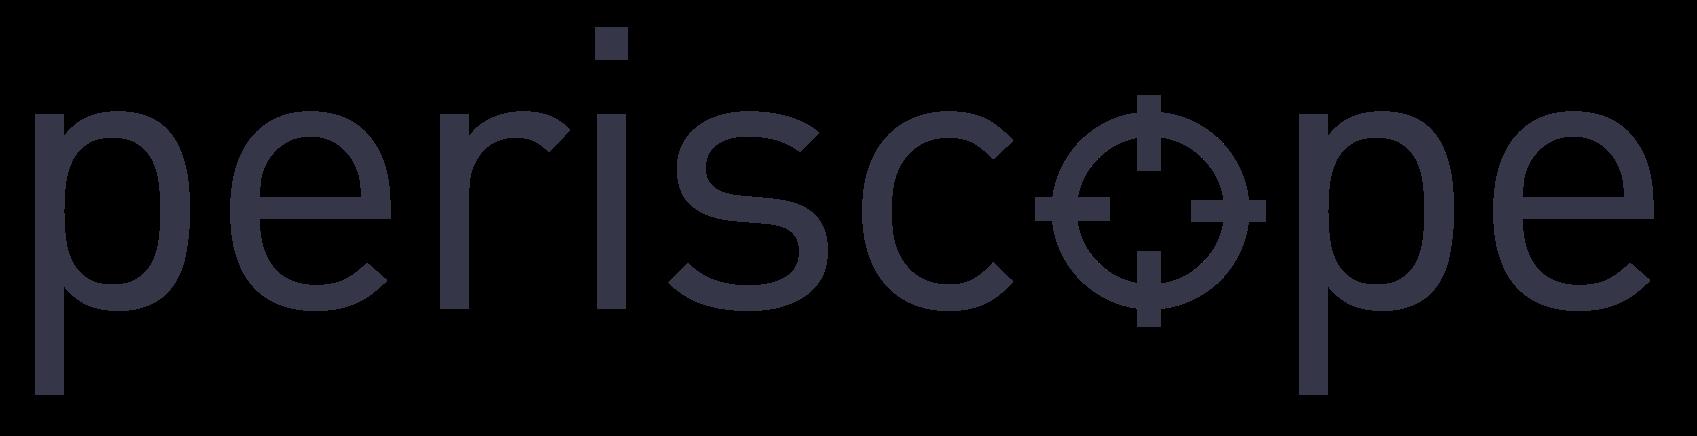 periscope logo png #1976